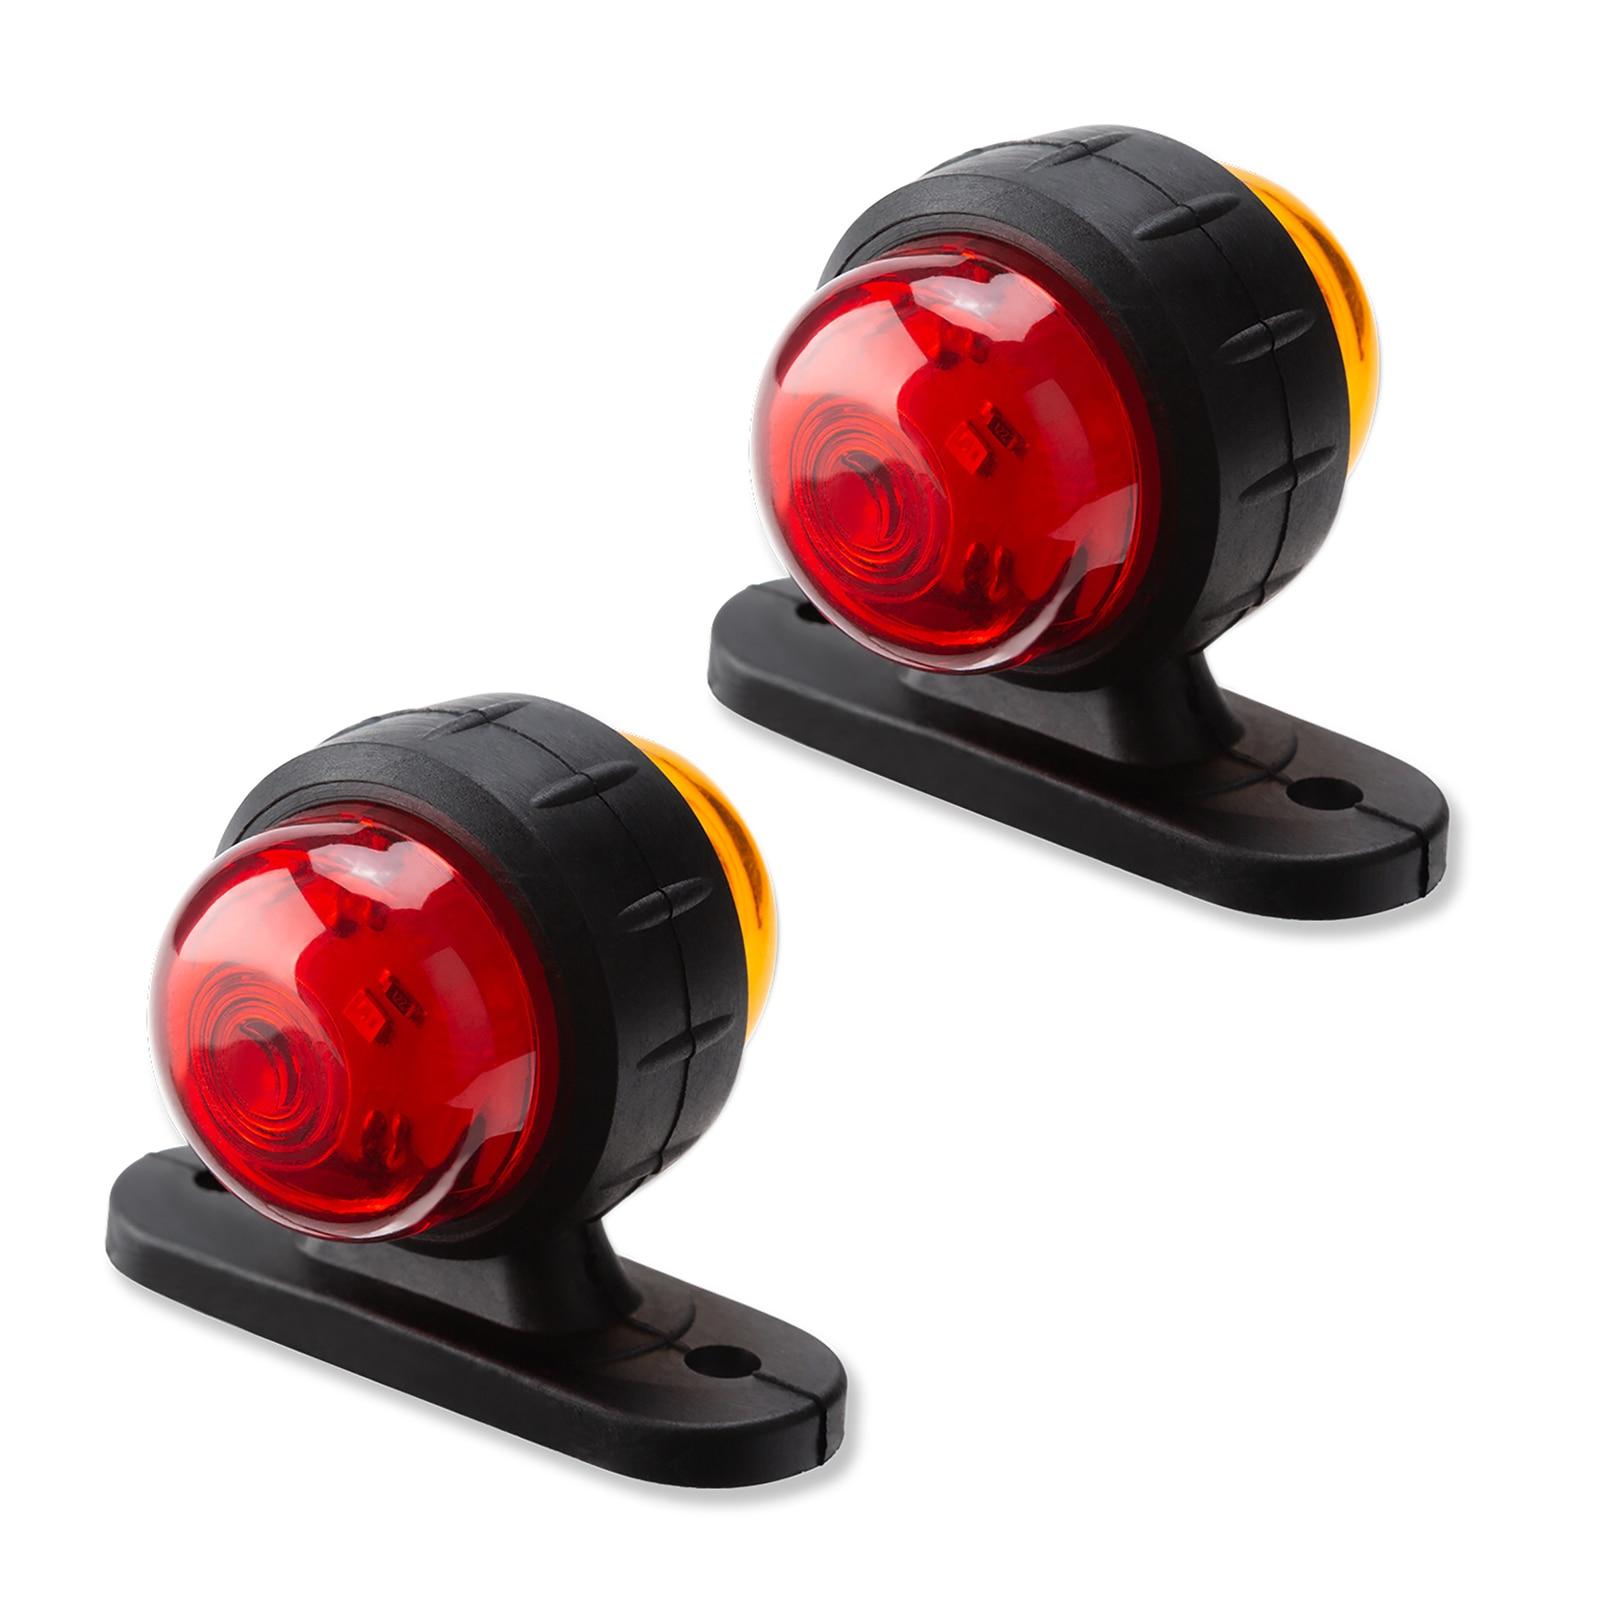 Car Truck Trailer Marker Lights Car Light LED .LED Side Sign Lights 2led Palstic Auto Waterproof 12V/24V Universal Super Bright